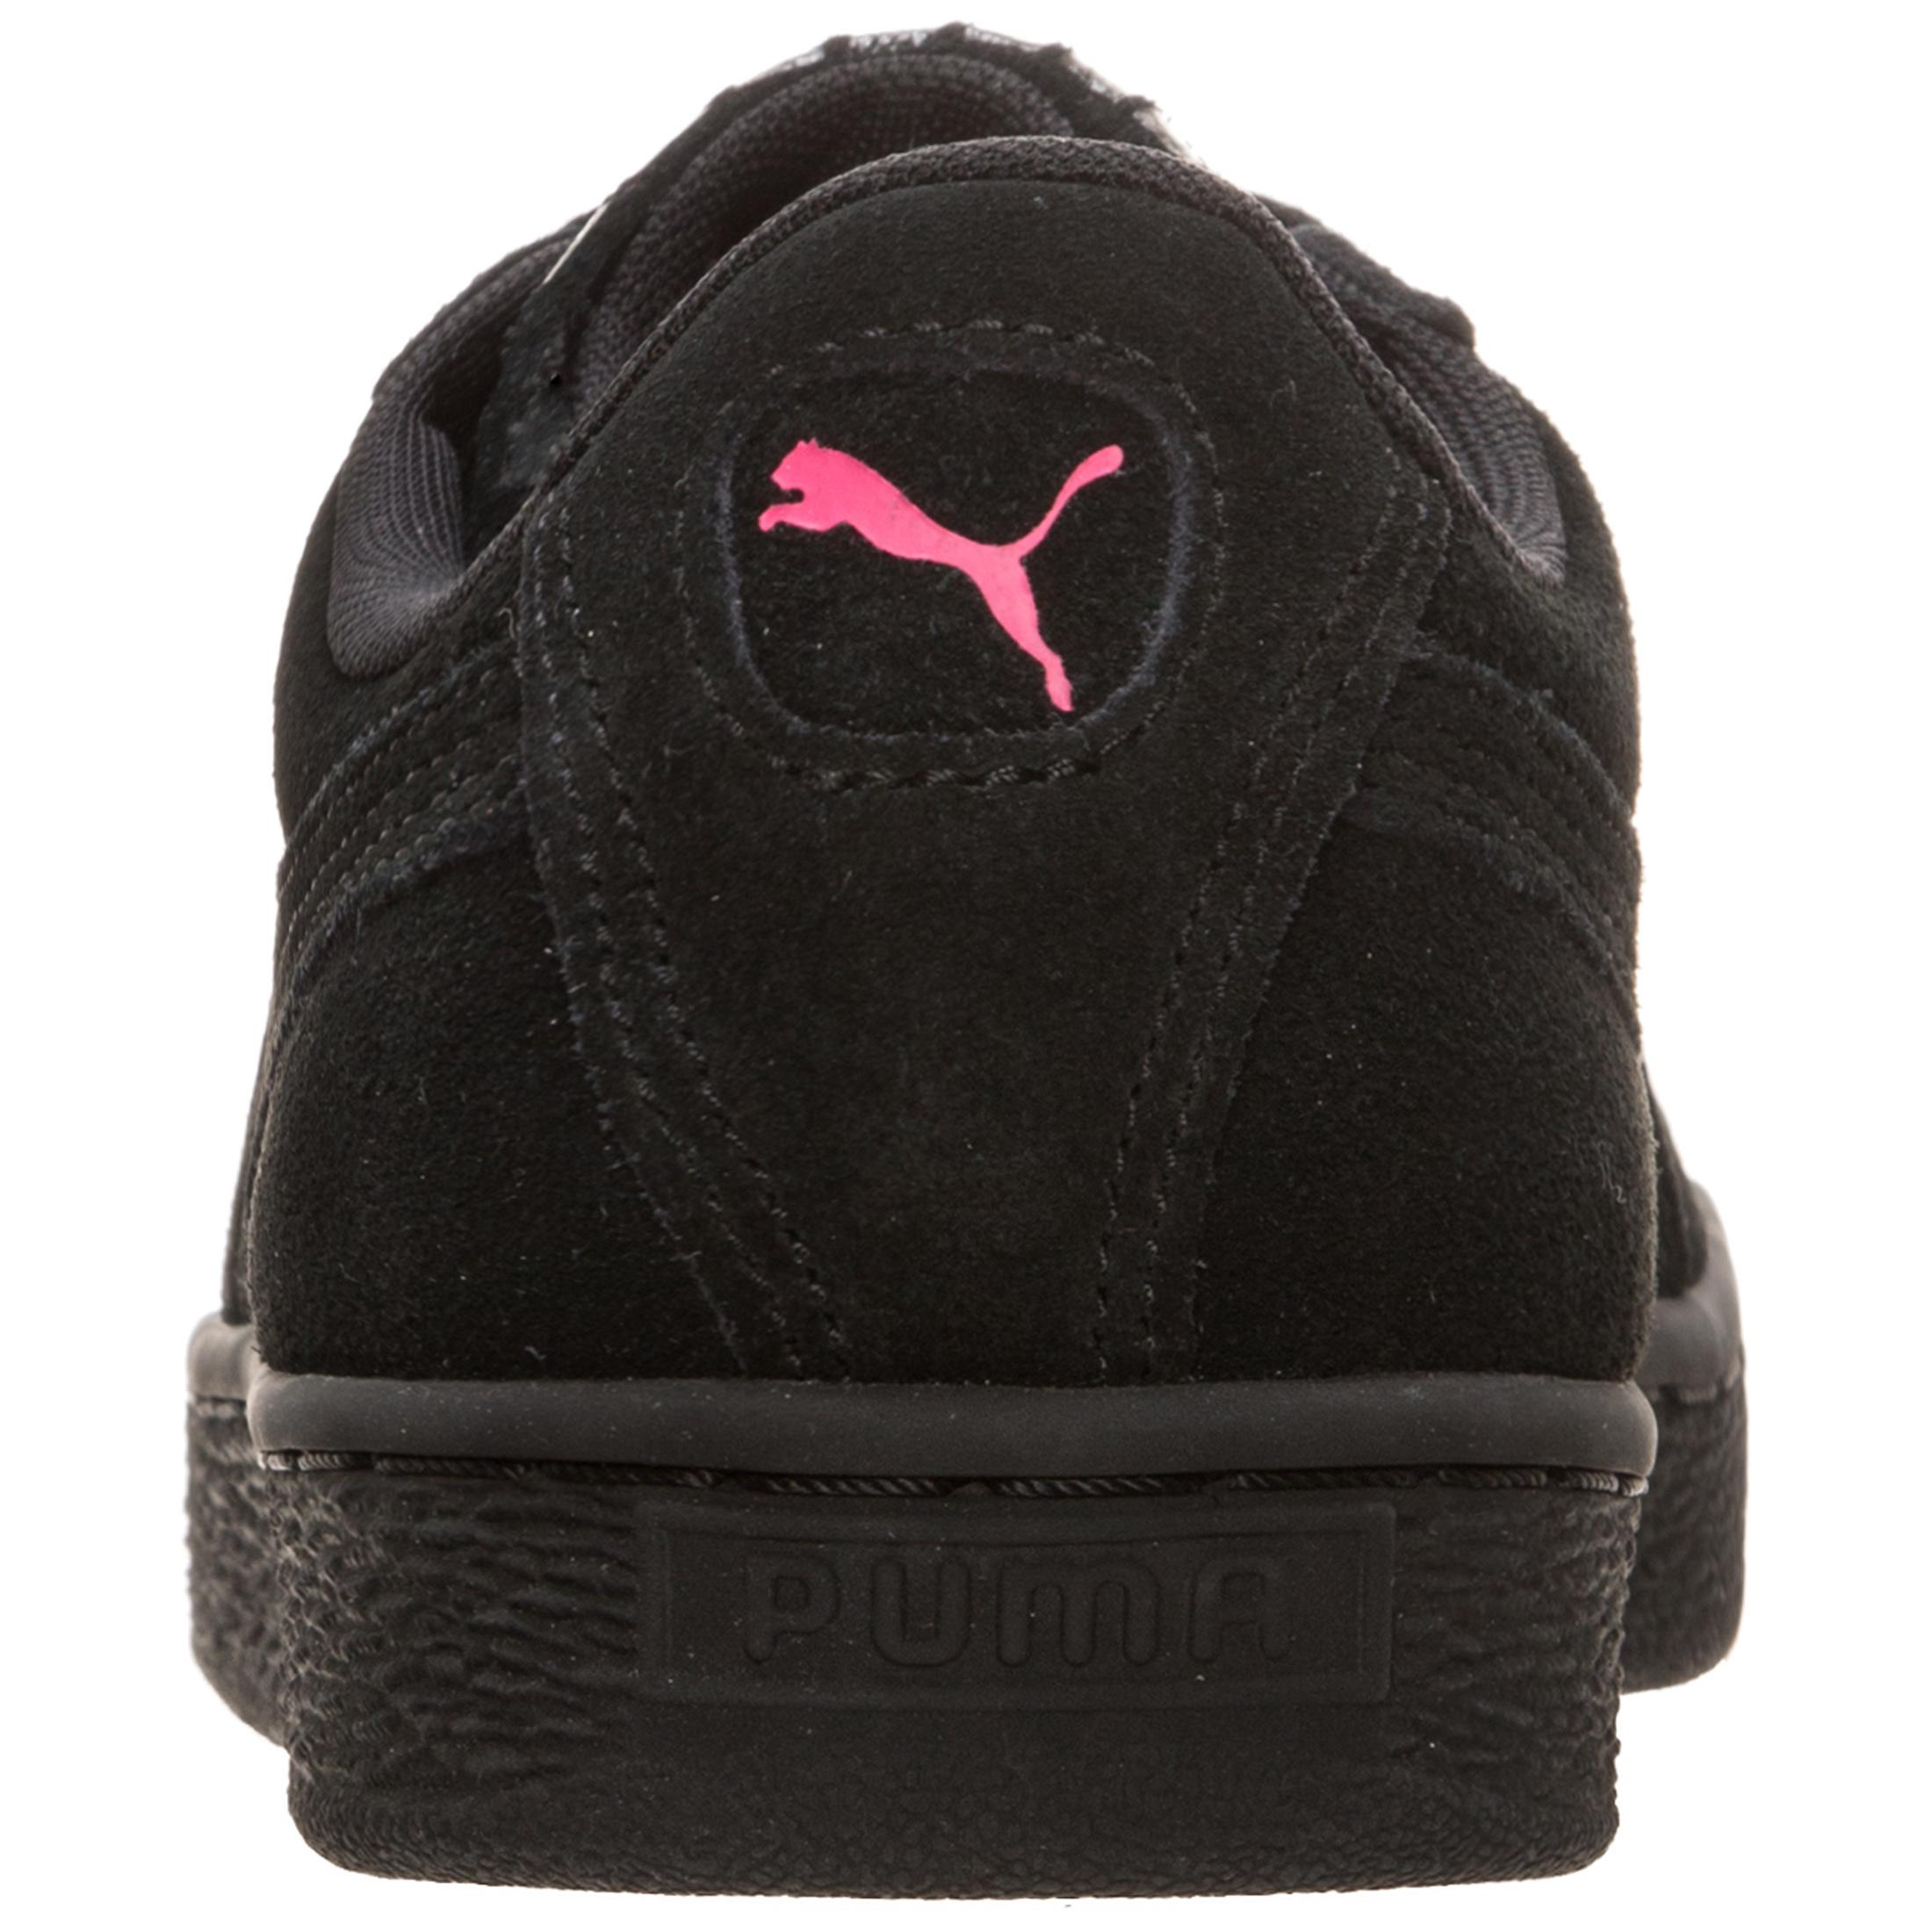 PUMA Suede Classic Sneaker Damen Damen Damen schwarz / pink im Online Shop von SportScheck kaufen Gute Qualität beliebte Schuhe fd90ec